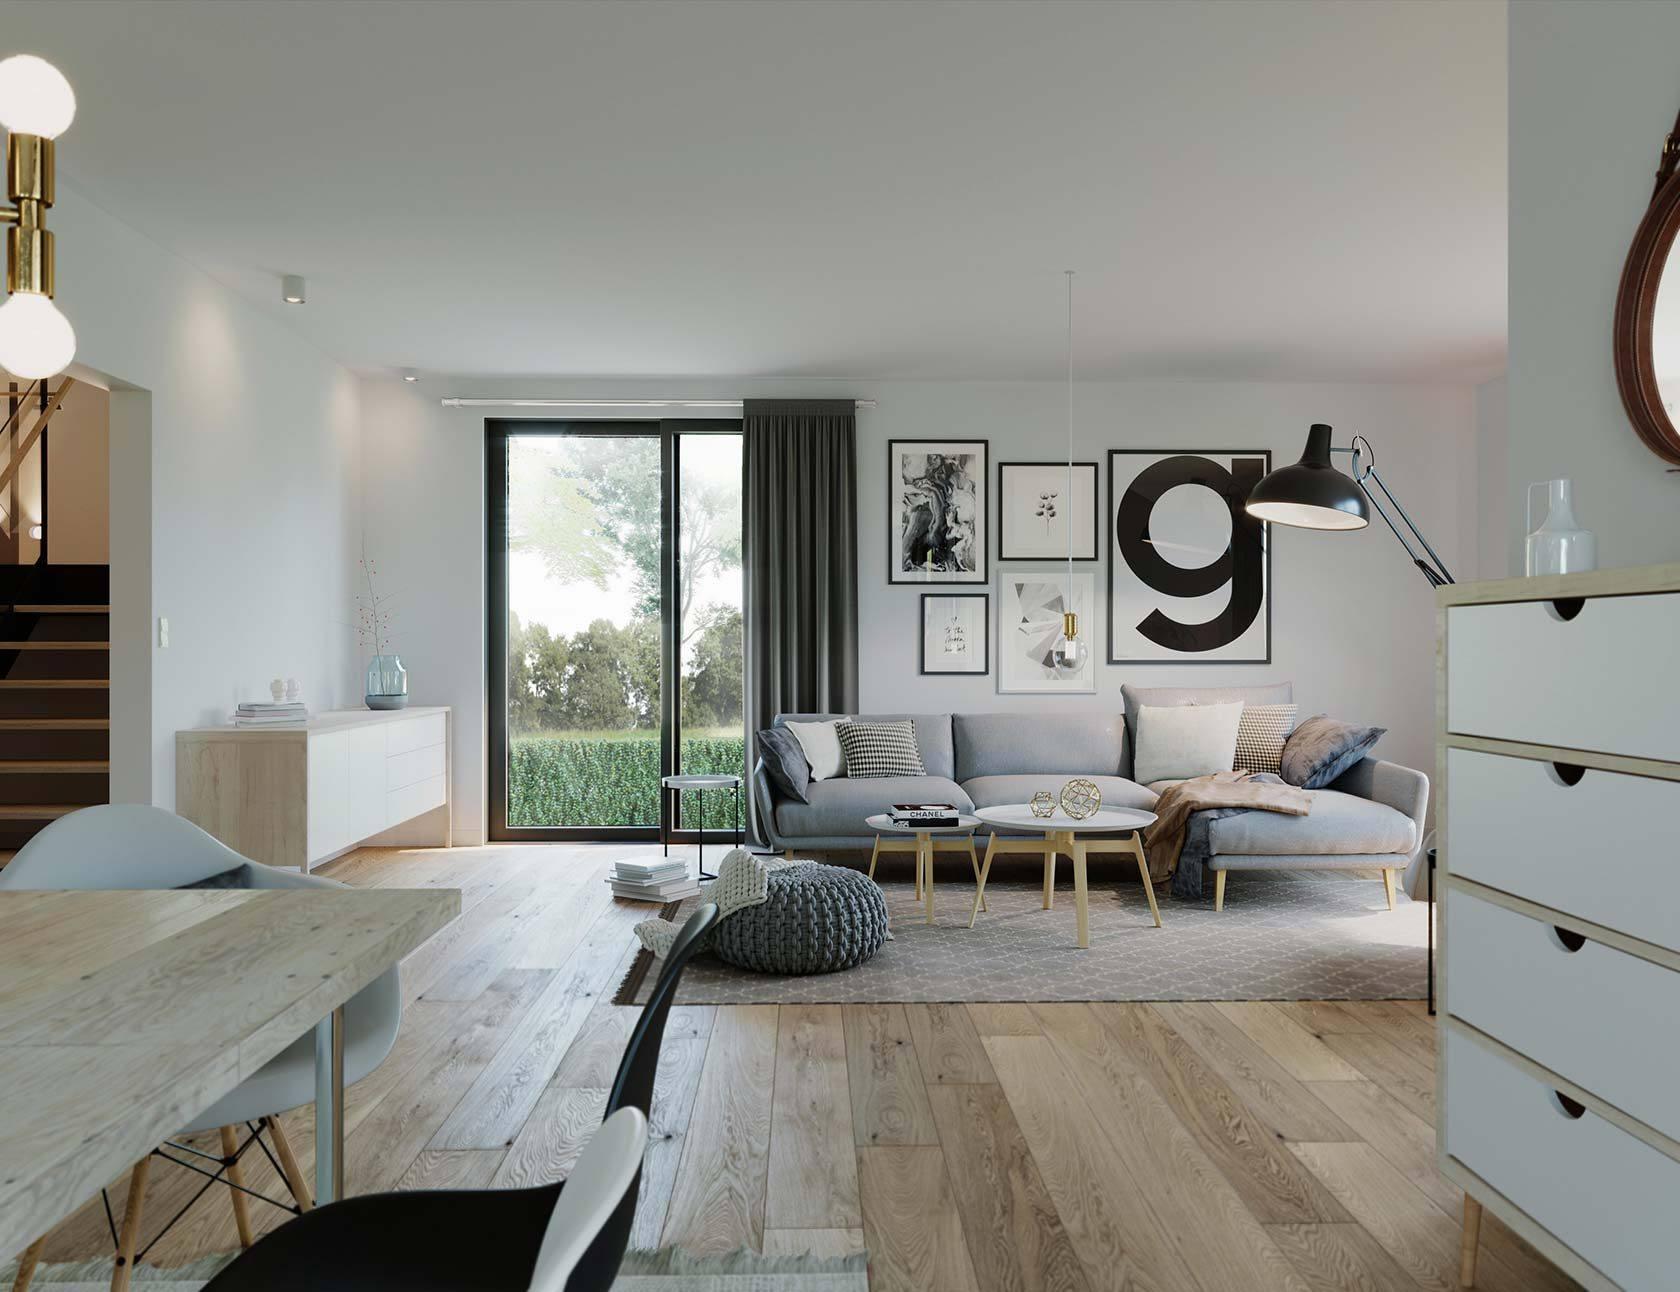 nordic living lichtecht. Black Bedroom Furniture Sets. Home Design Ideas